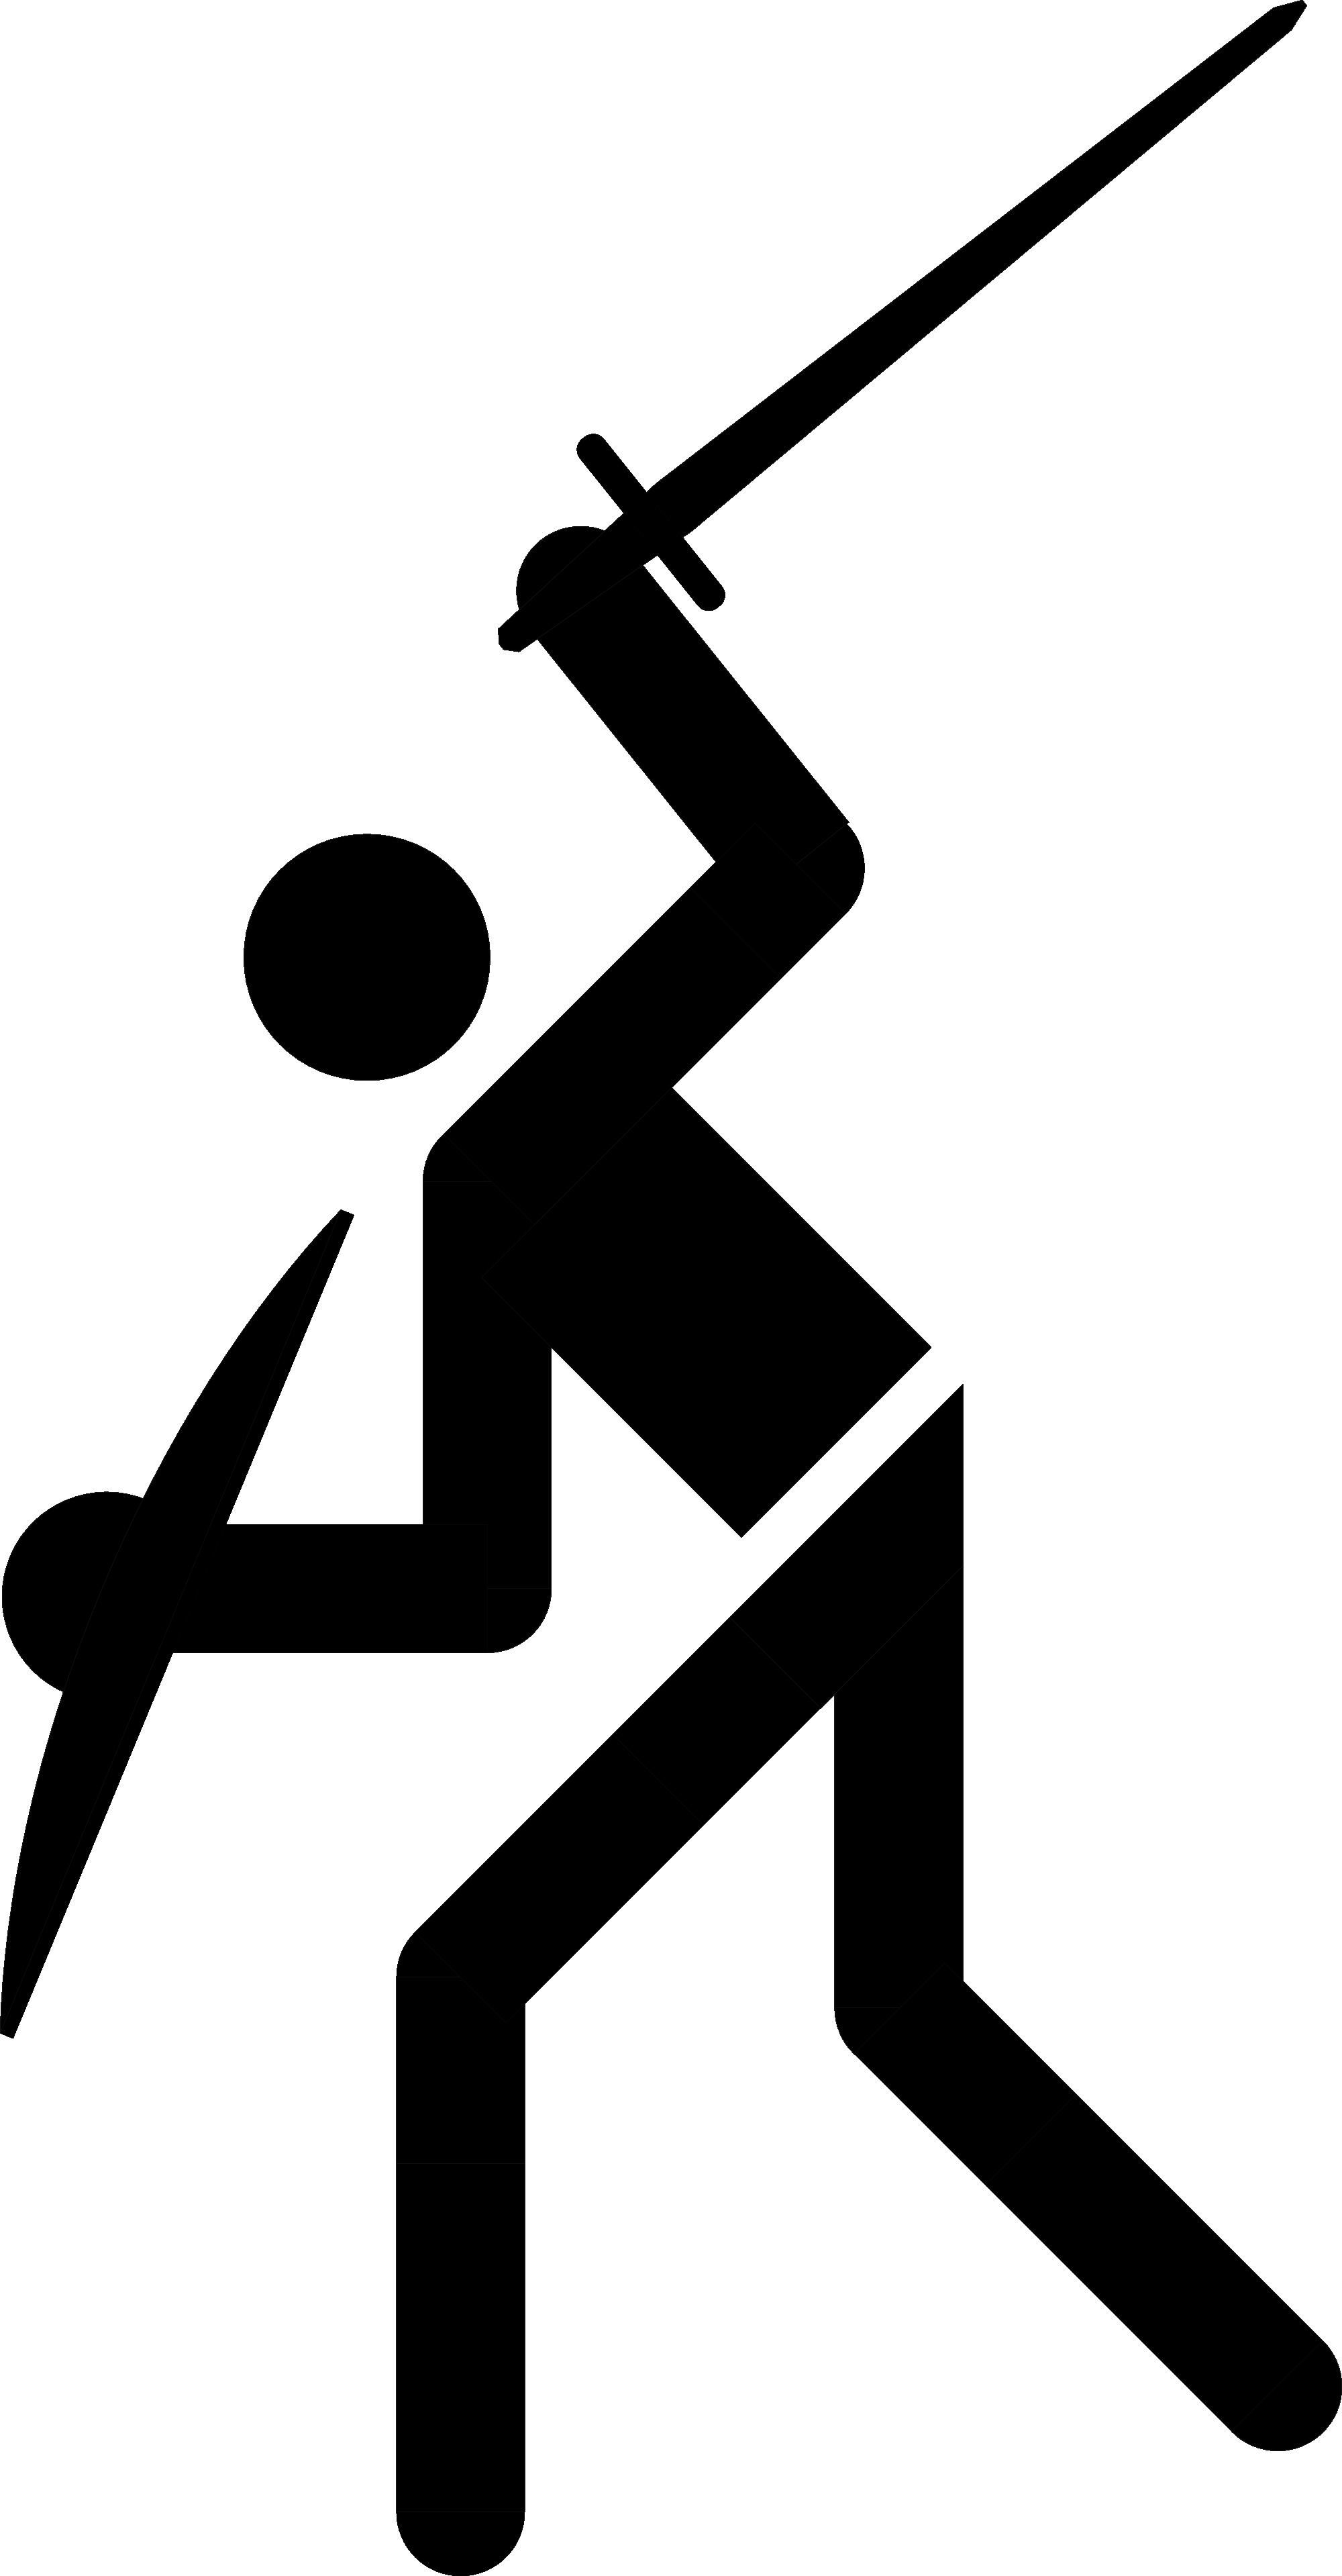 fechten_piktogramm_schwert2_ver1.3.4.4_gross.png - Fechten PNG